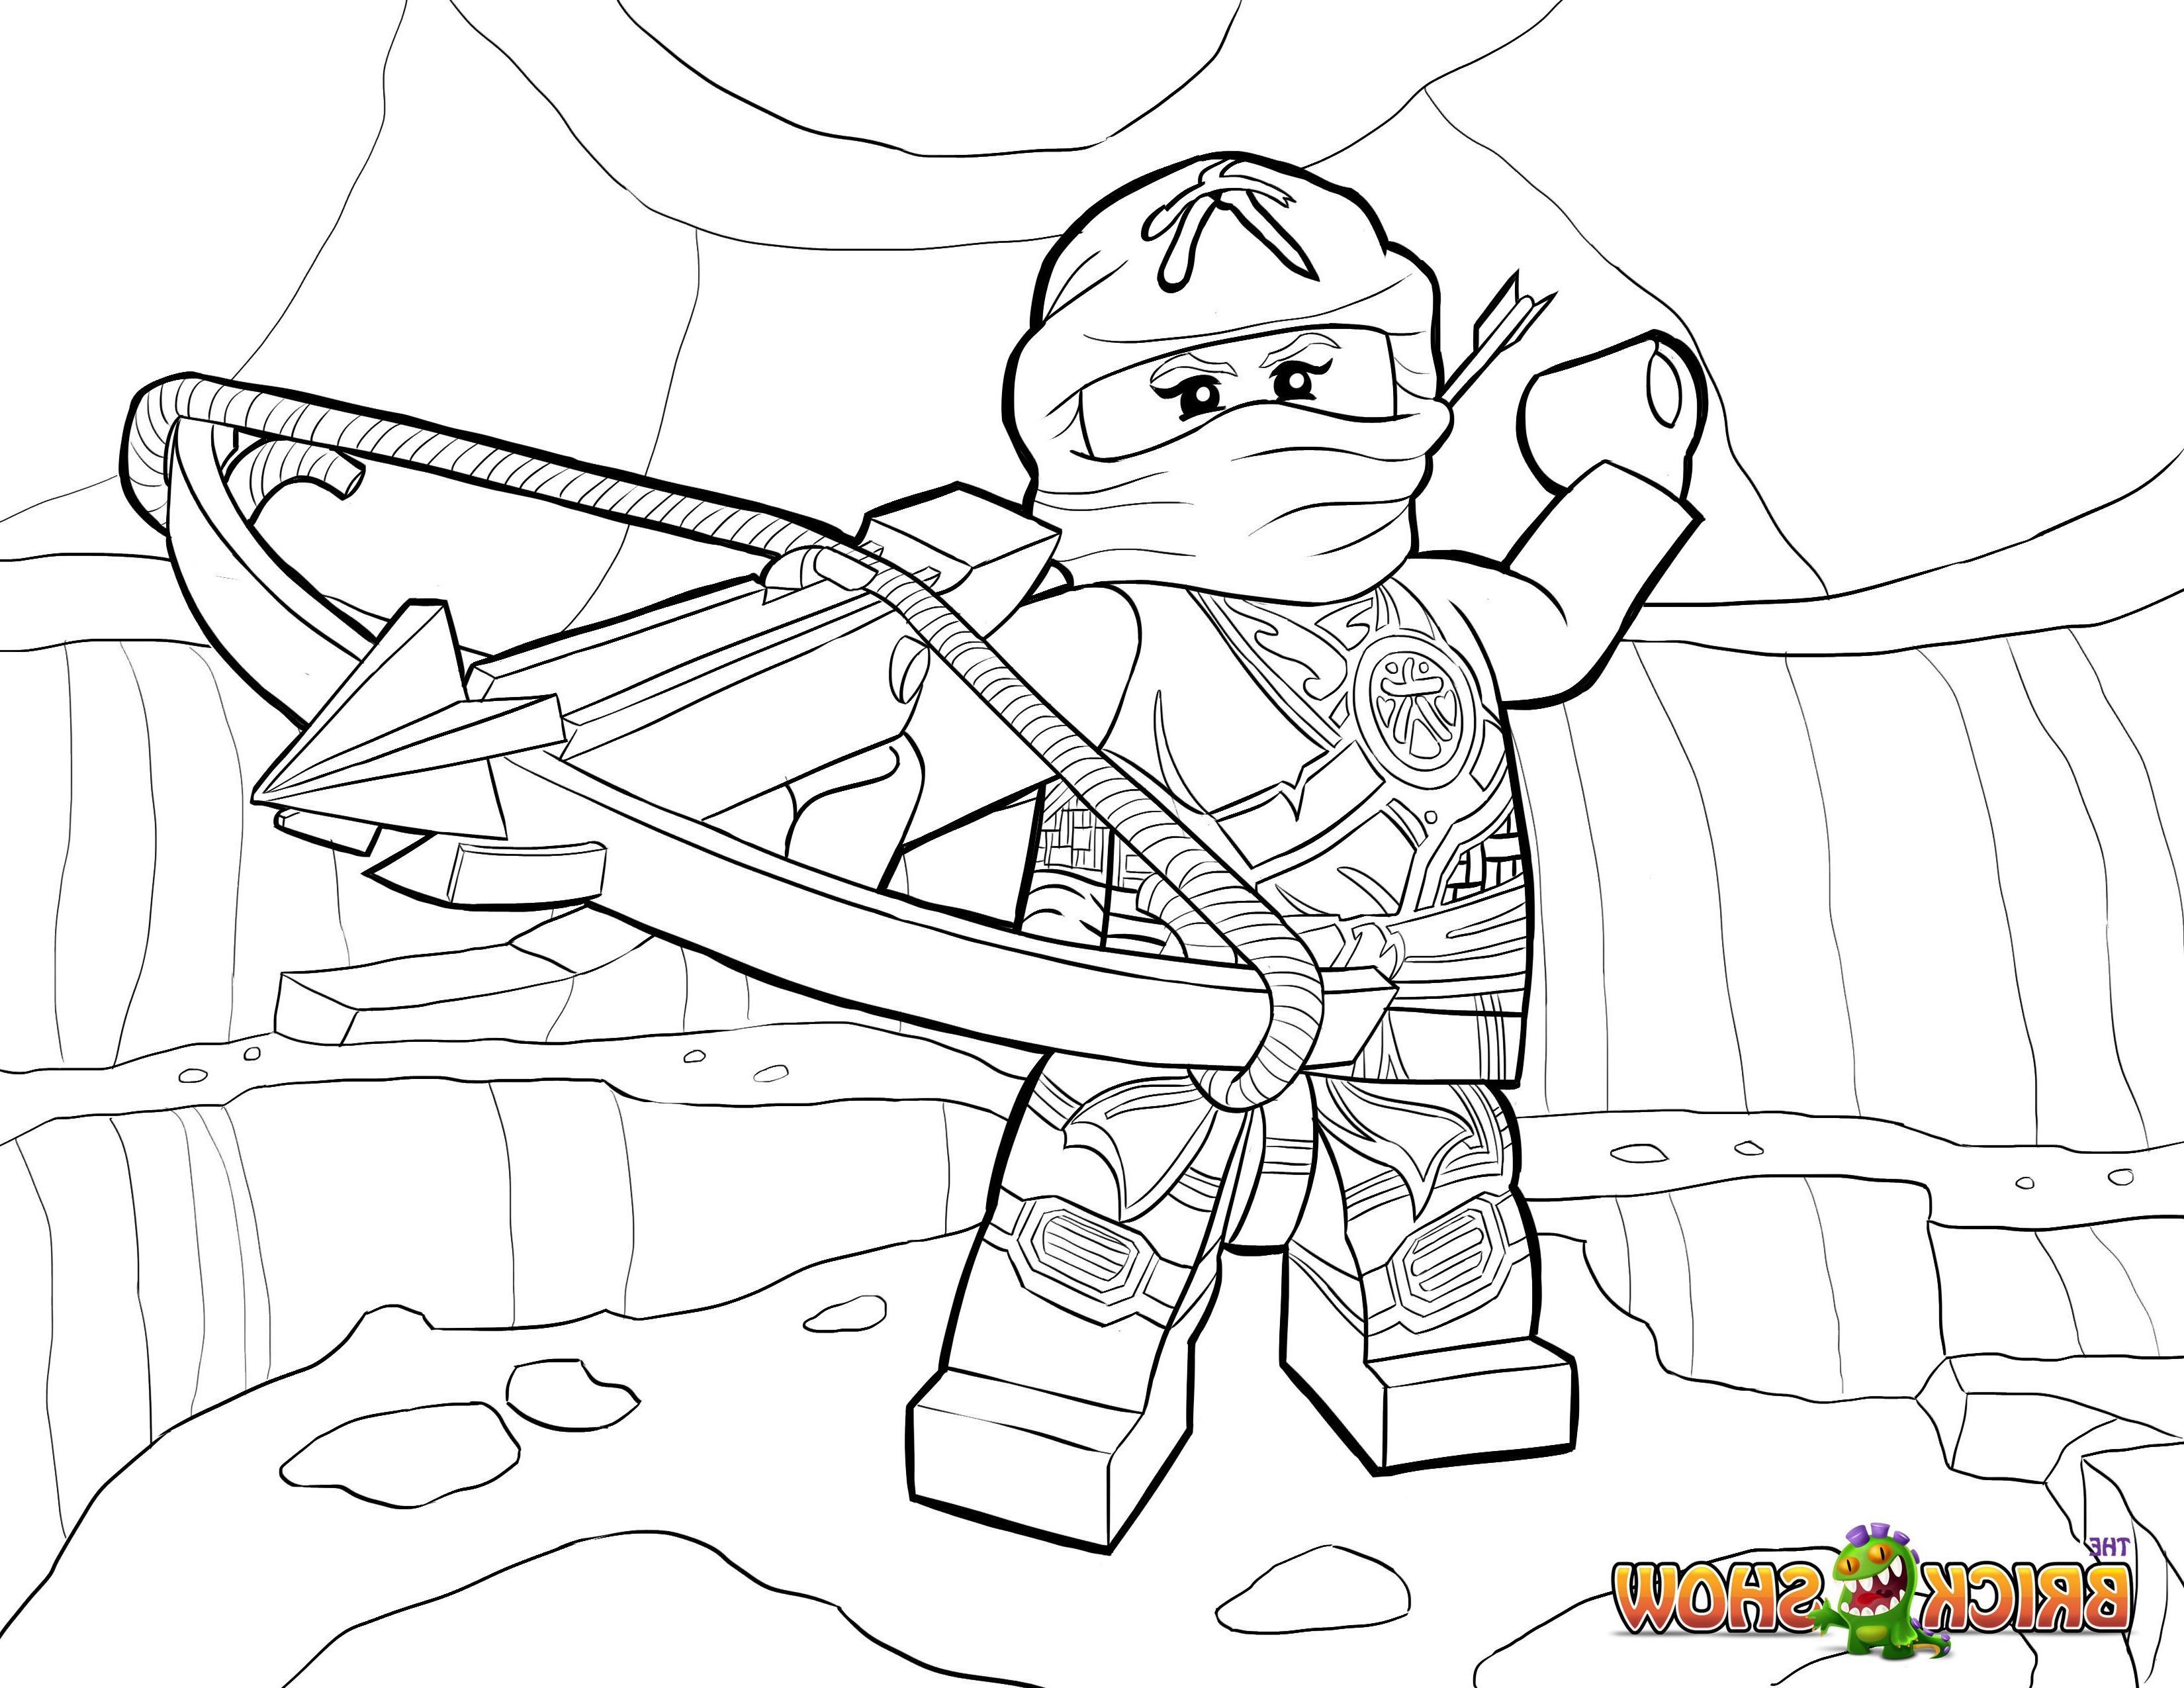 Ninjago Augen Malvorlage Einzigartig 31 Schön Ausmalbilder Lego Ninjago – Malvorlagen Ideen Fotos